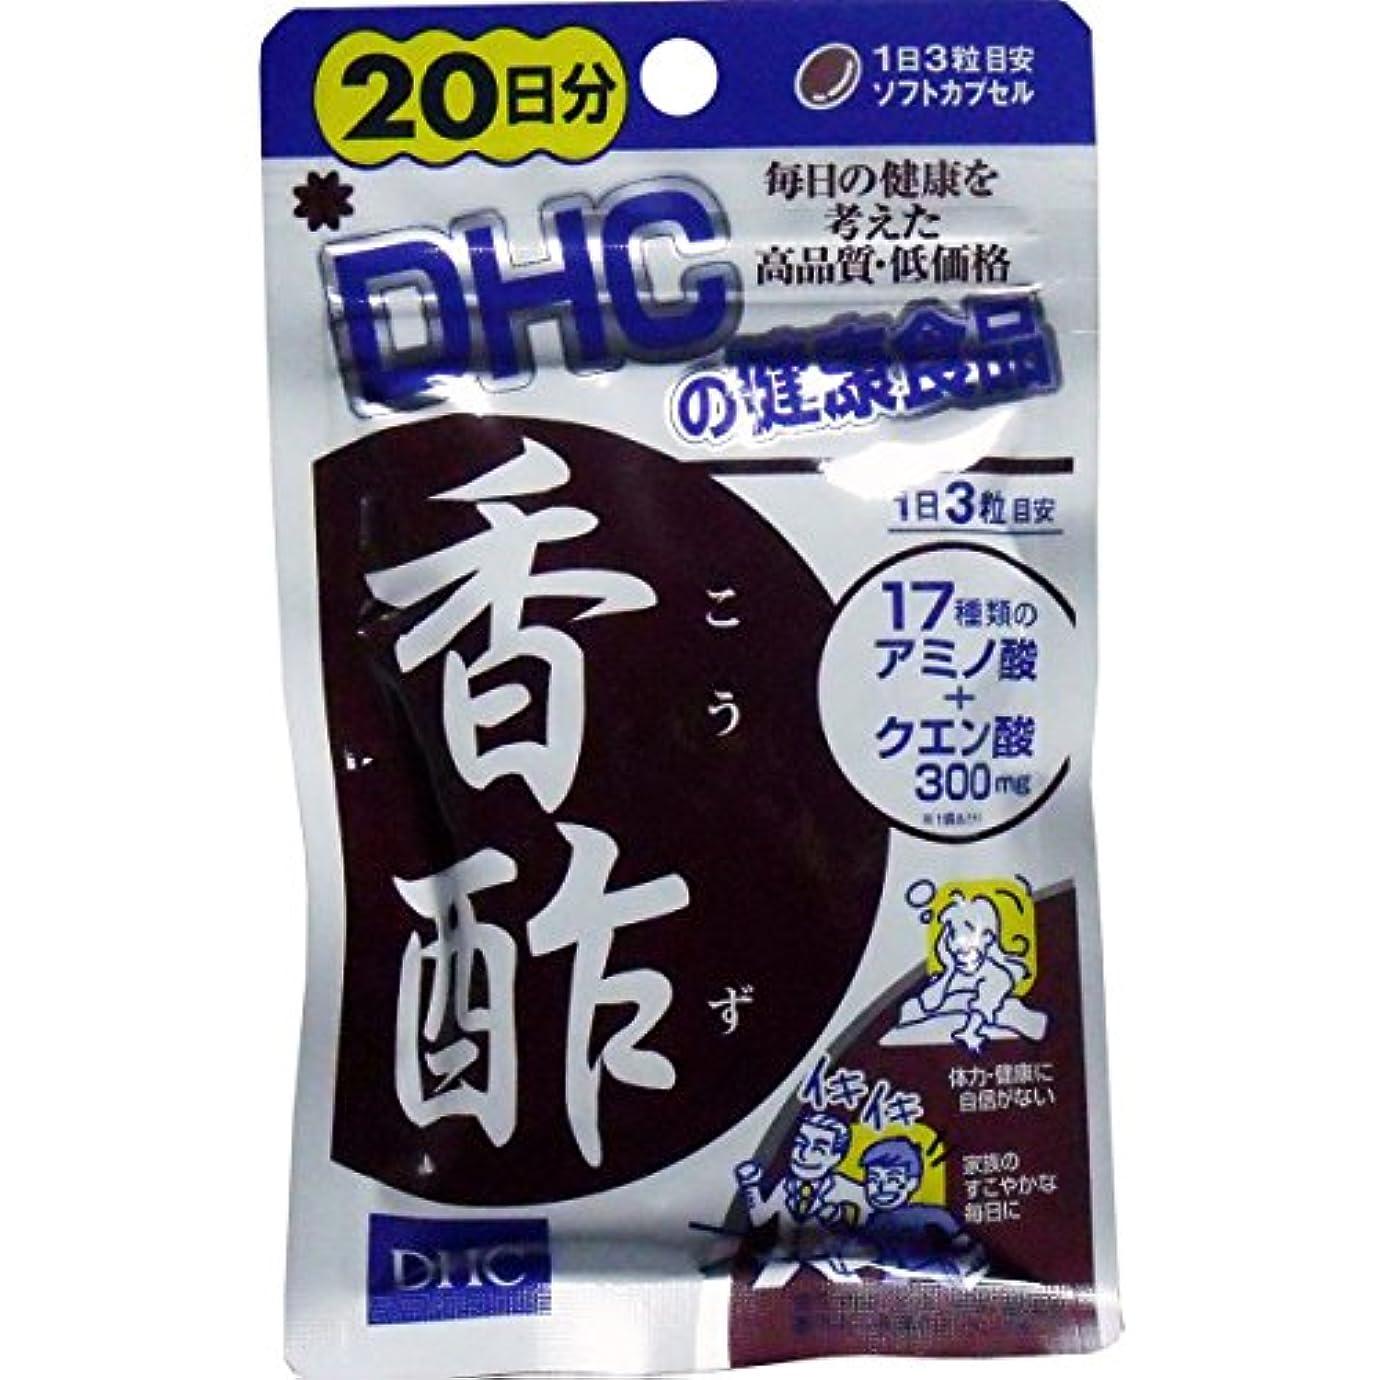 ティーム審判経済的DHC 香酢 20日分 60粒入「3点セット」